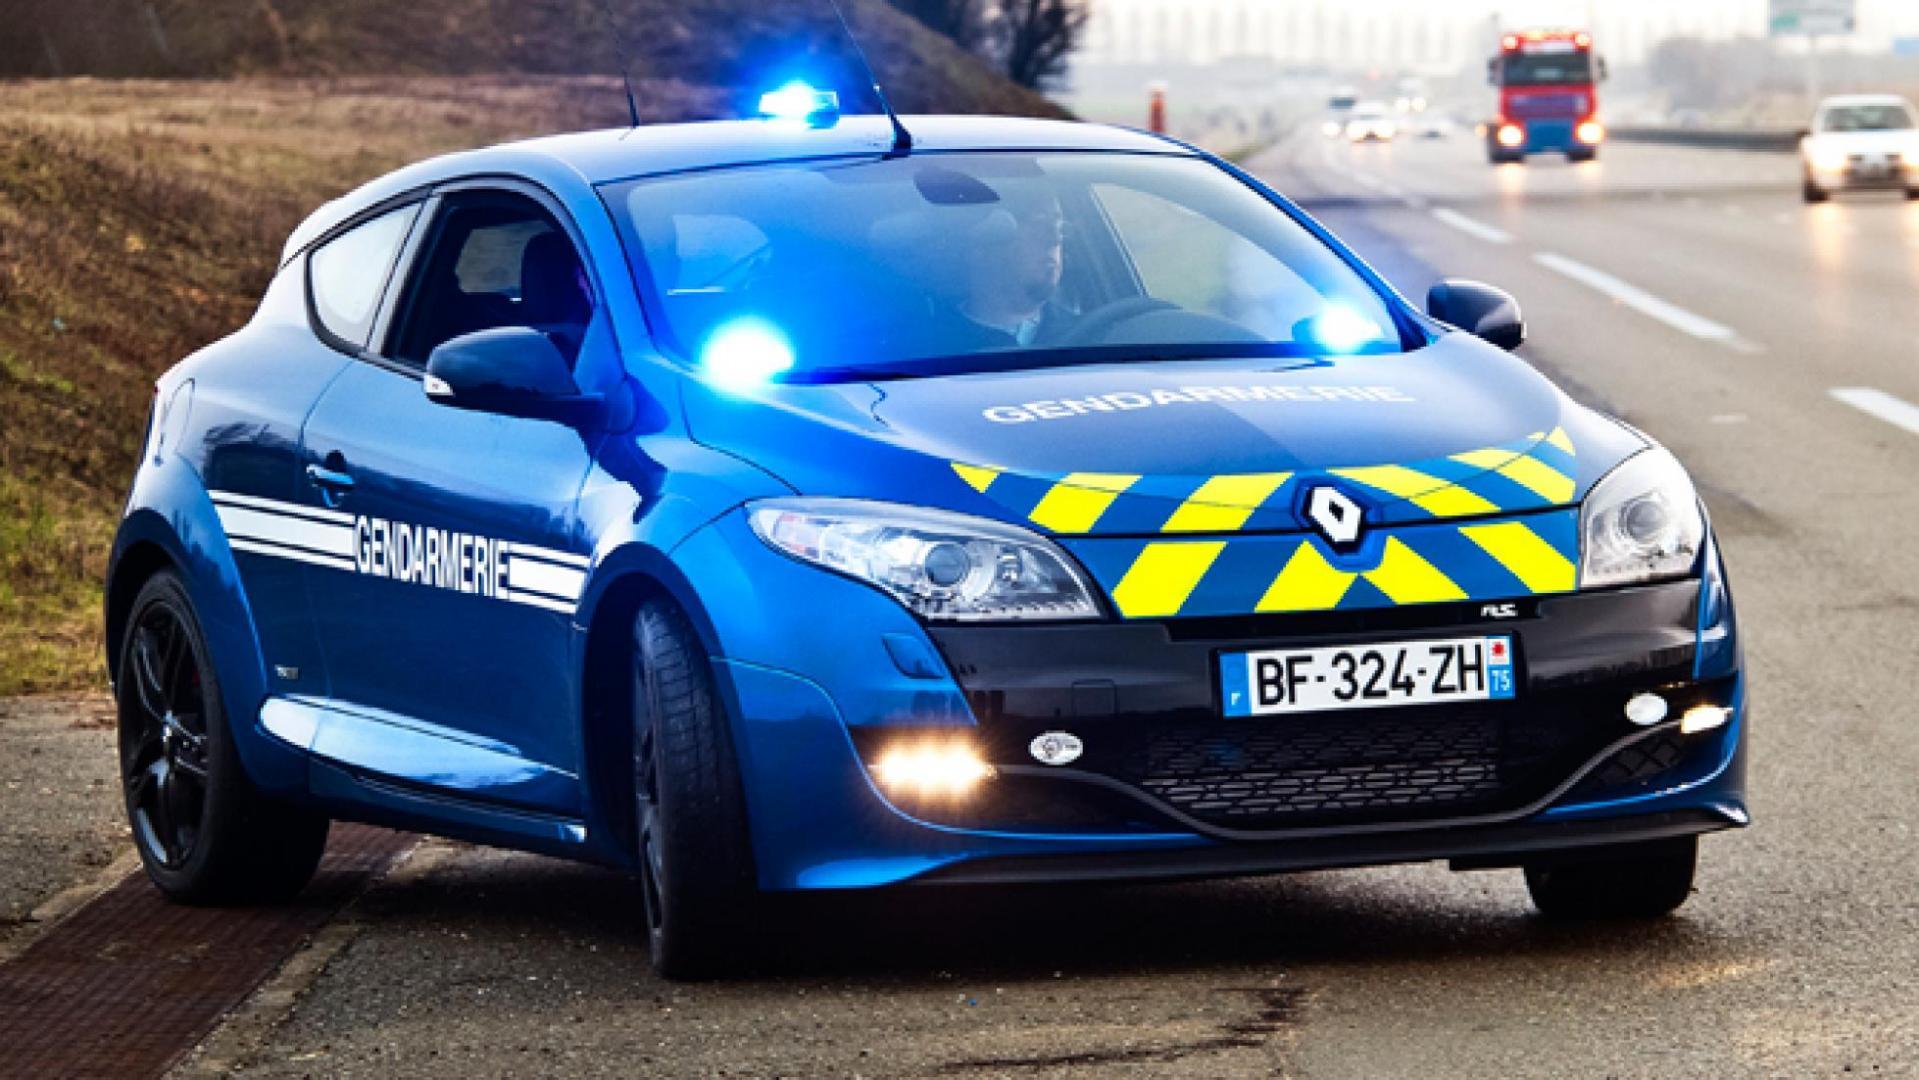 nep-politie in frankrijk